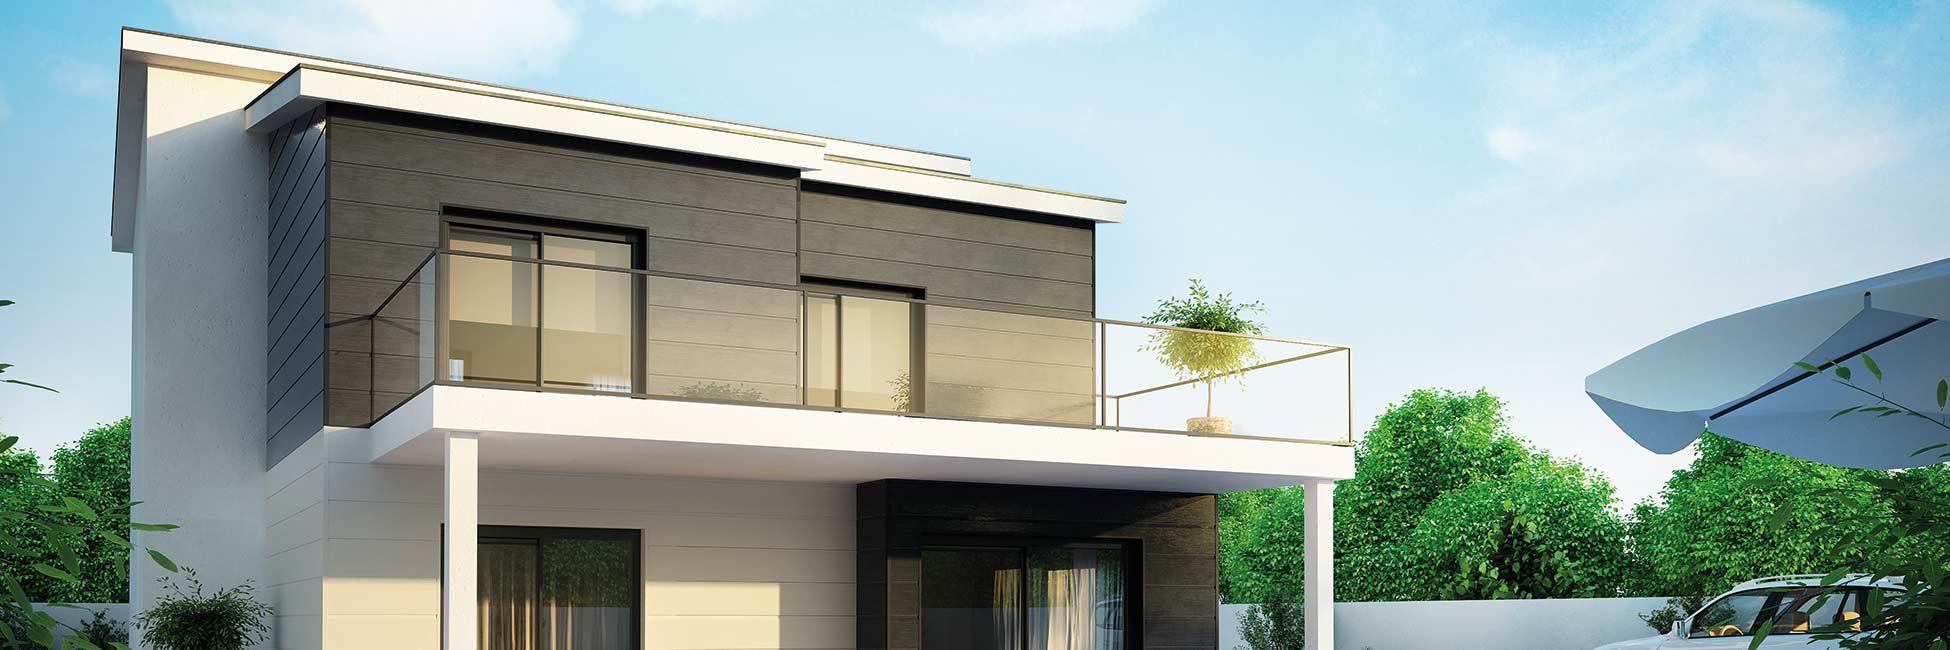 Bild mit Abbildung Fassadenverkleidung aus Kunststoff